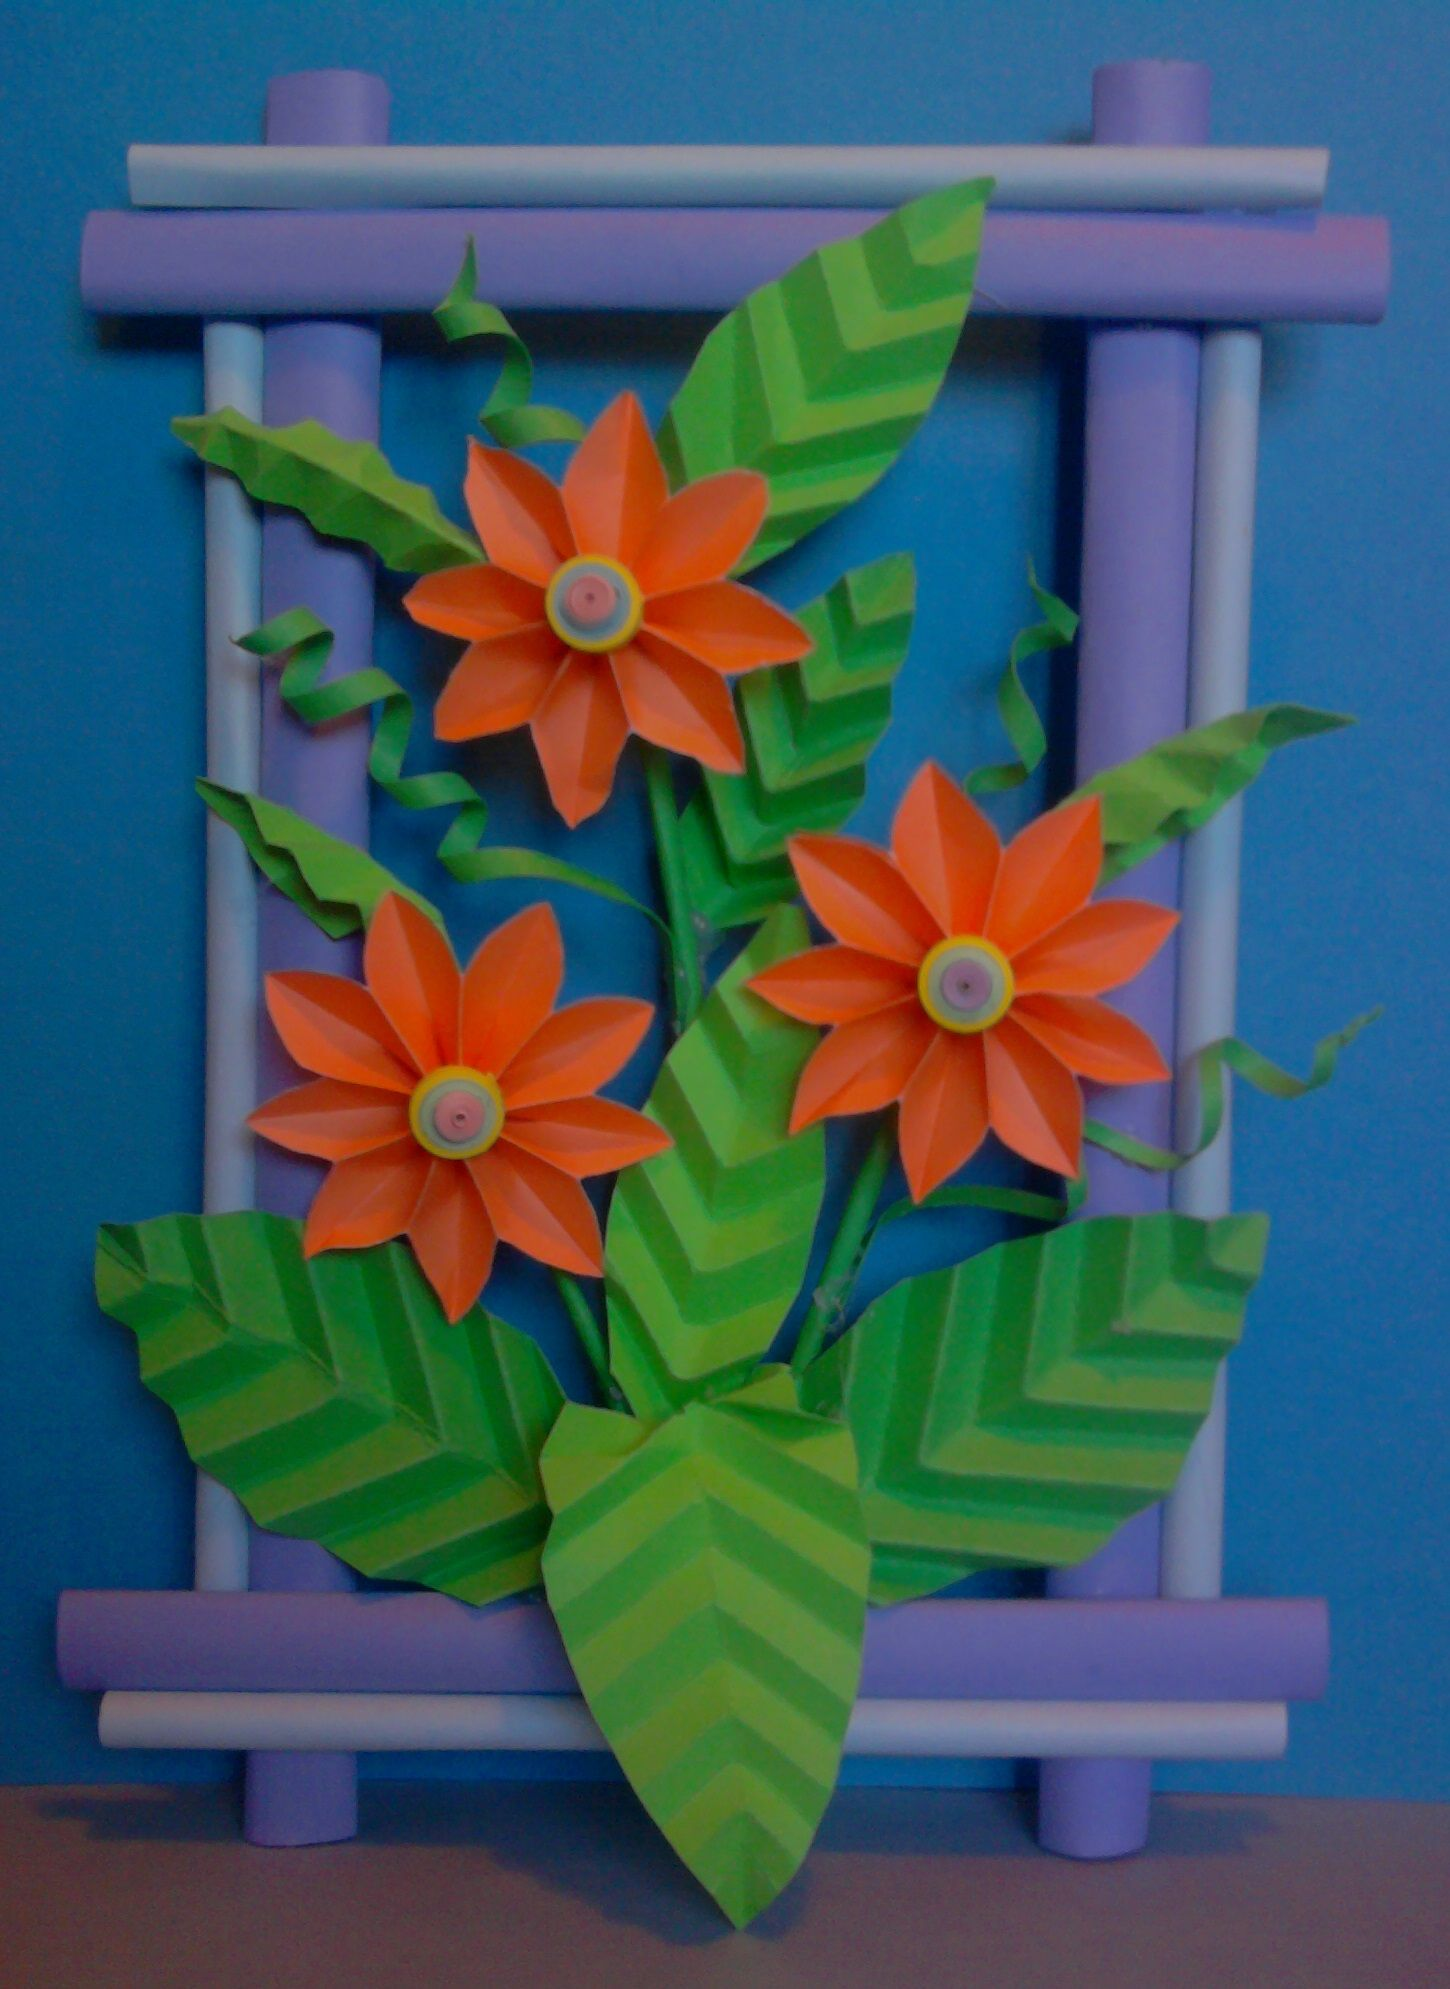 Kwiaty Z Papieru Ikebana Prace Plastyczne Dariusz Zolynski Flowers Paper Paper Flowers Orgiami K Paper Flowers Paper Crafts How To Make Paper Flowers